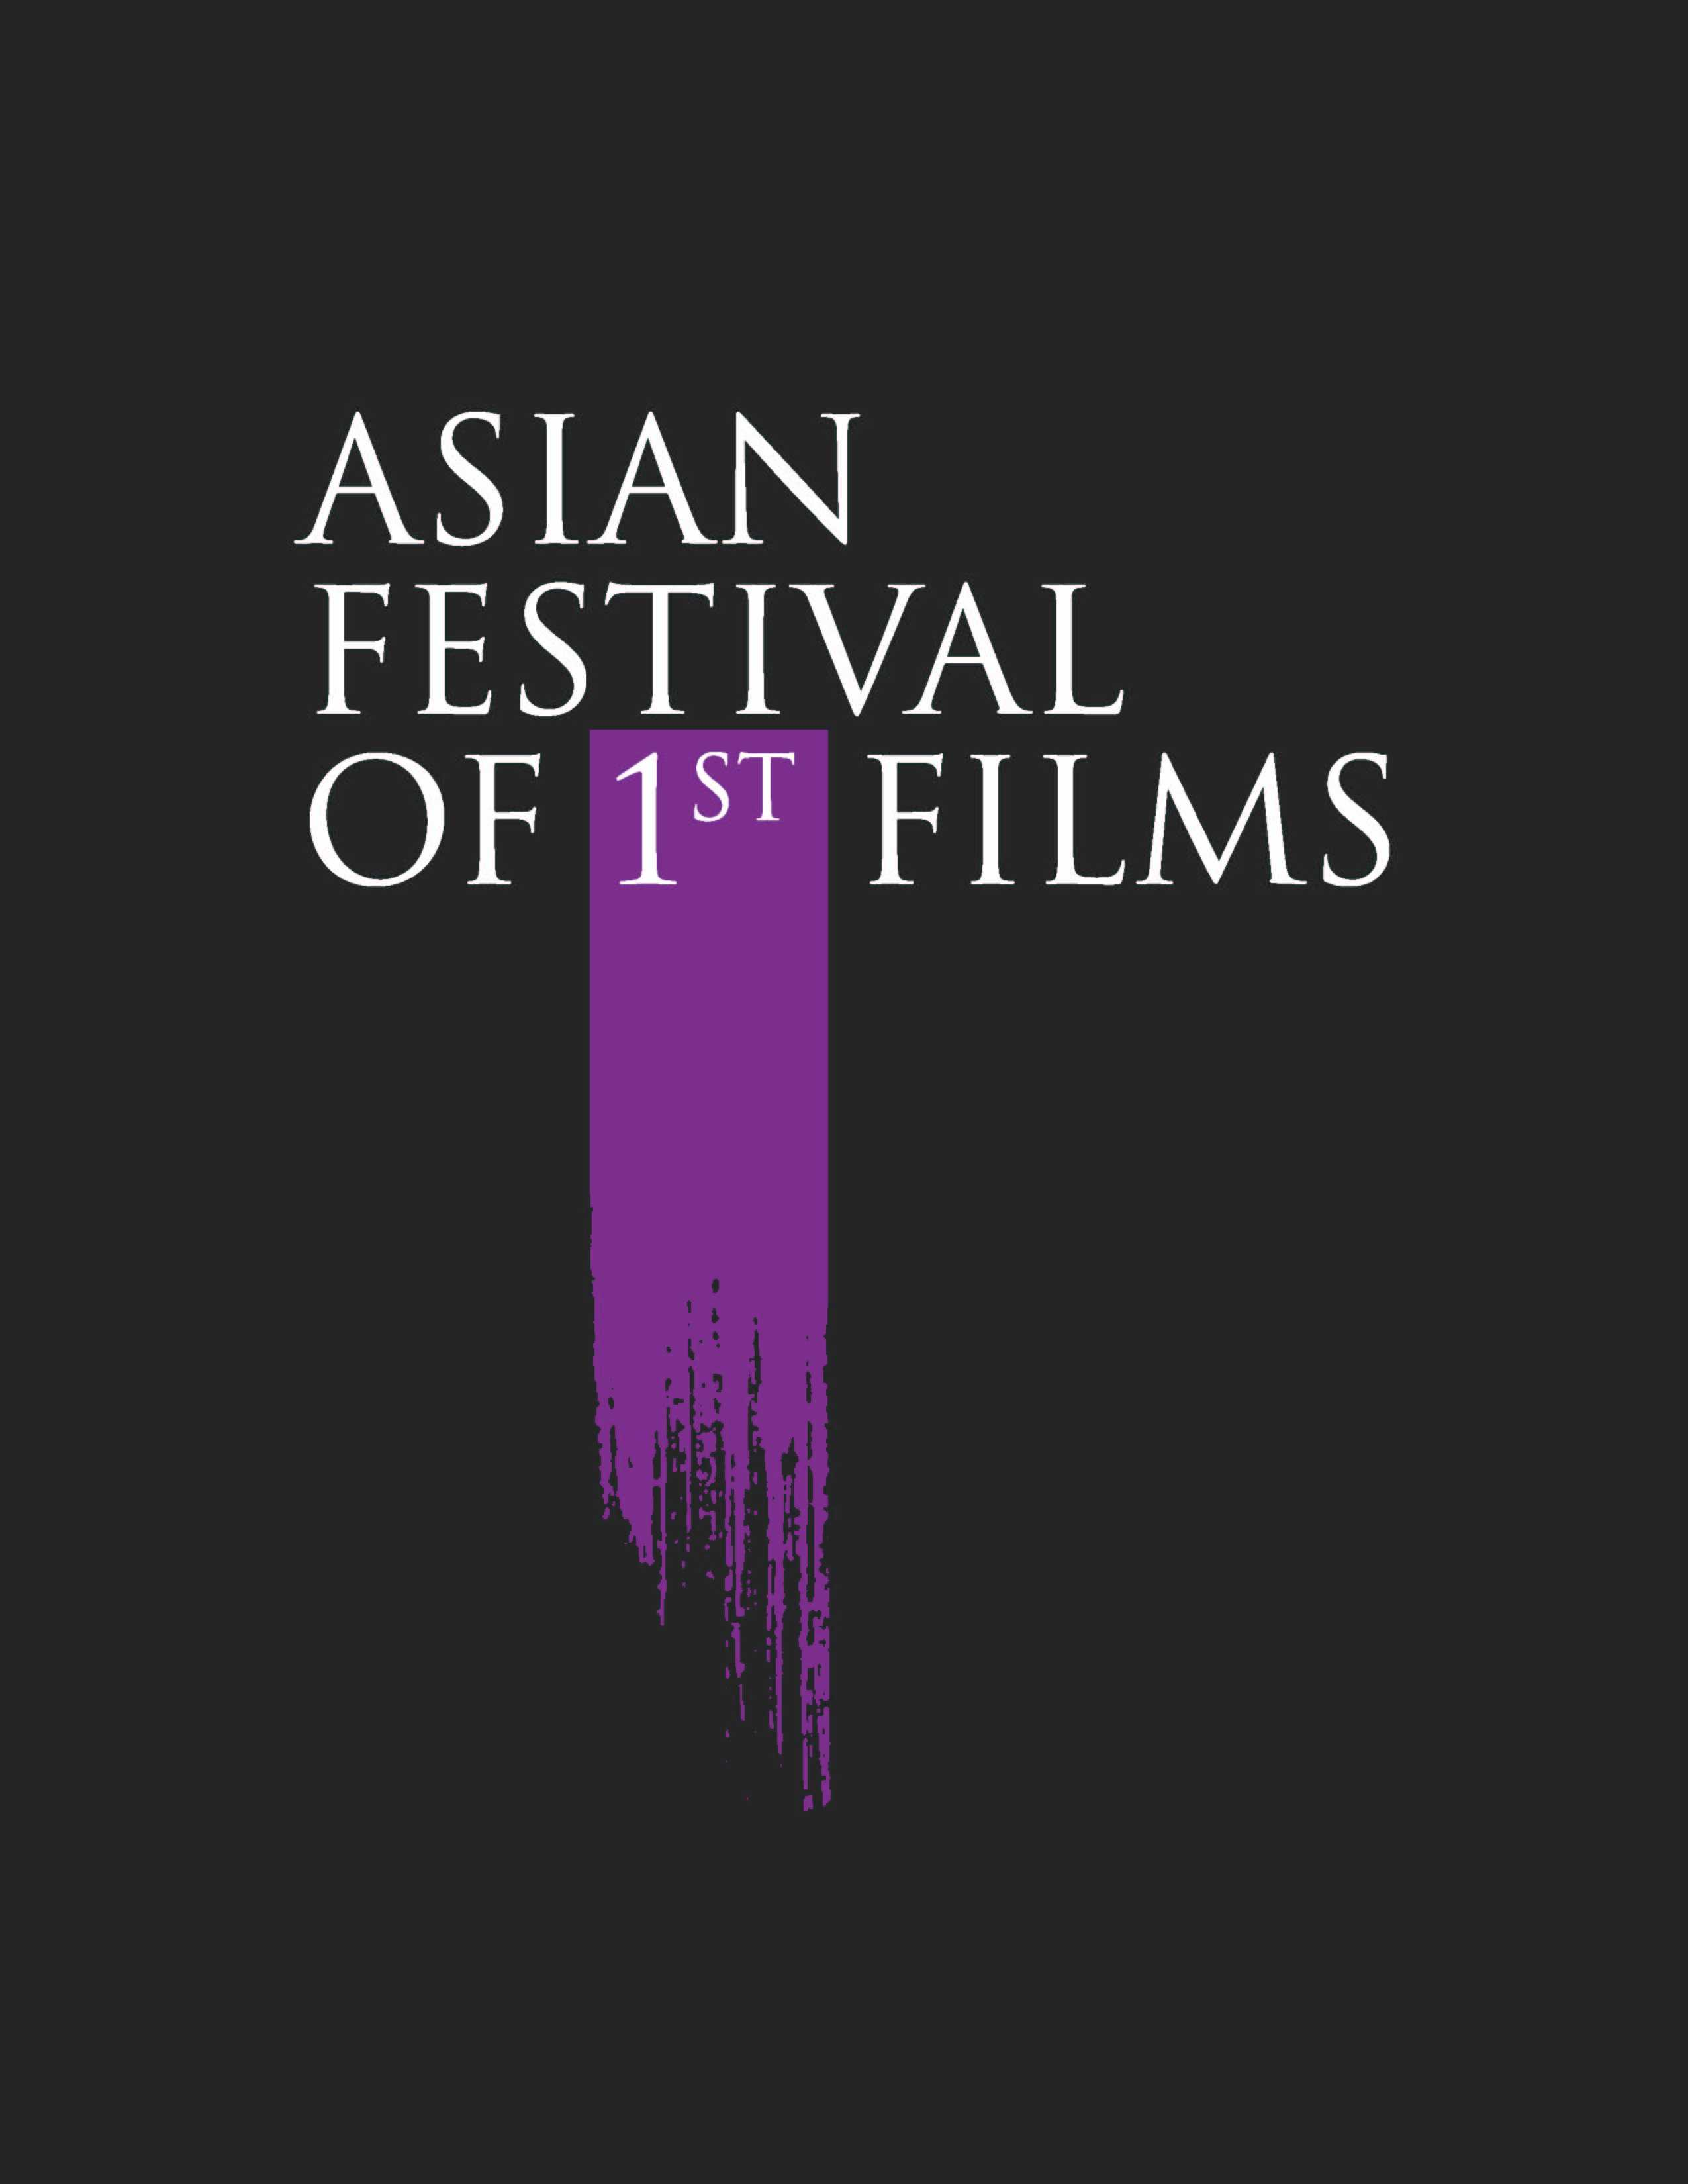 Asian Festival of 1st Films